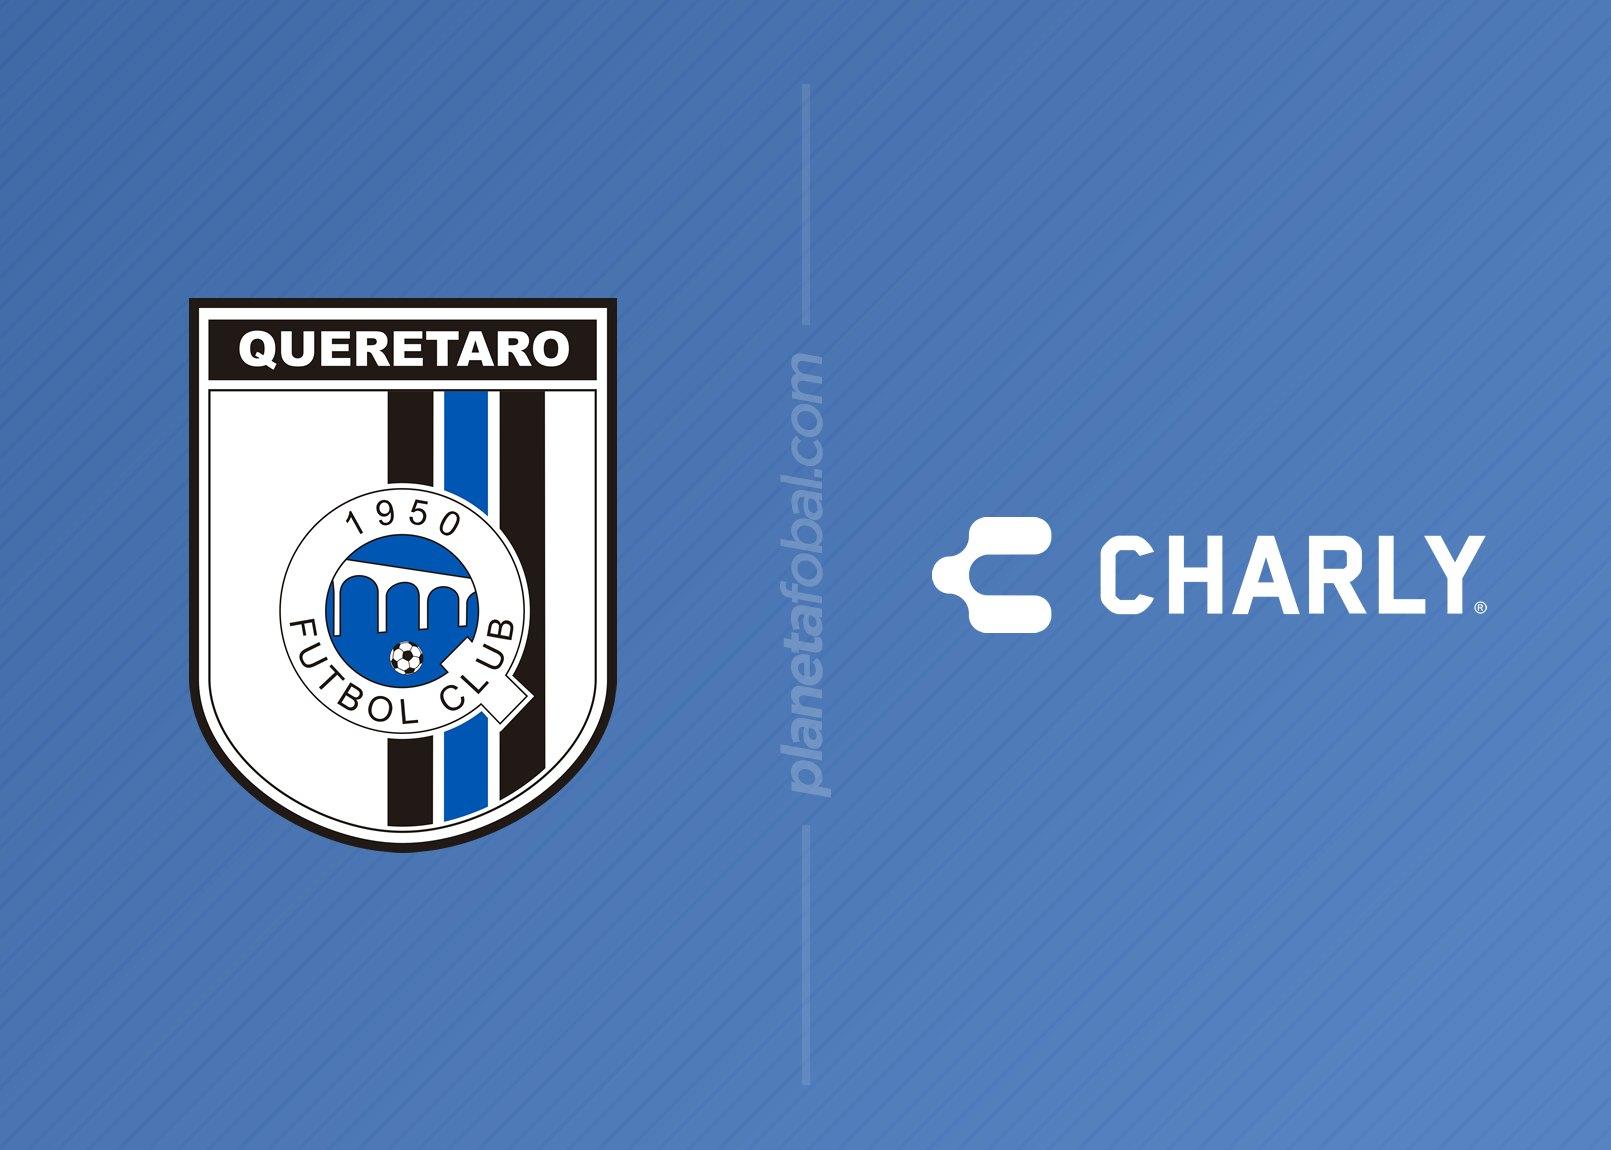 El Club Querétaro anuncia contrato con Charly Fútbol